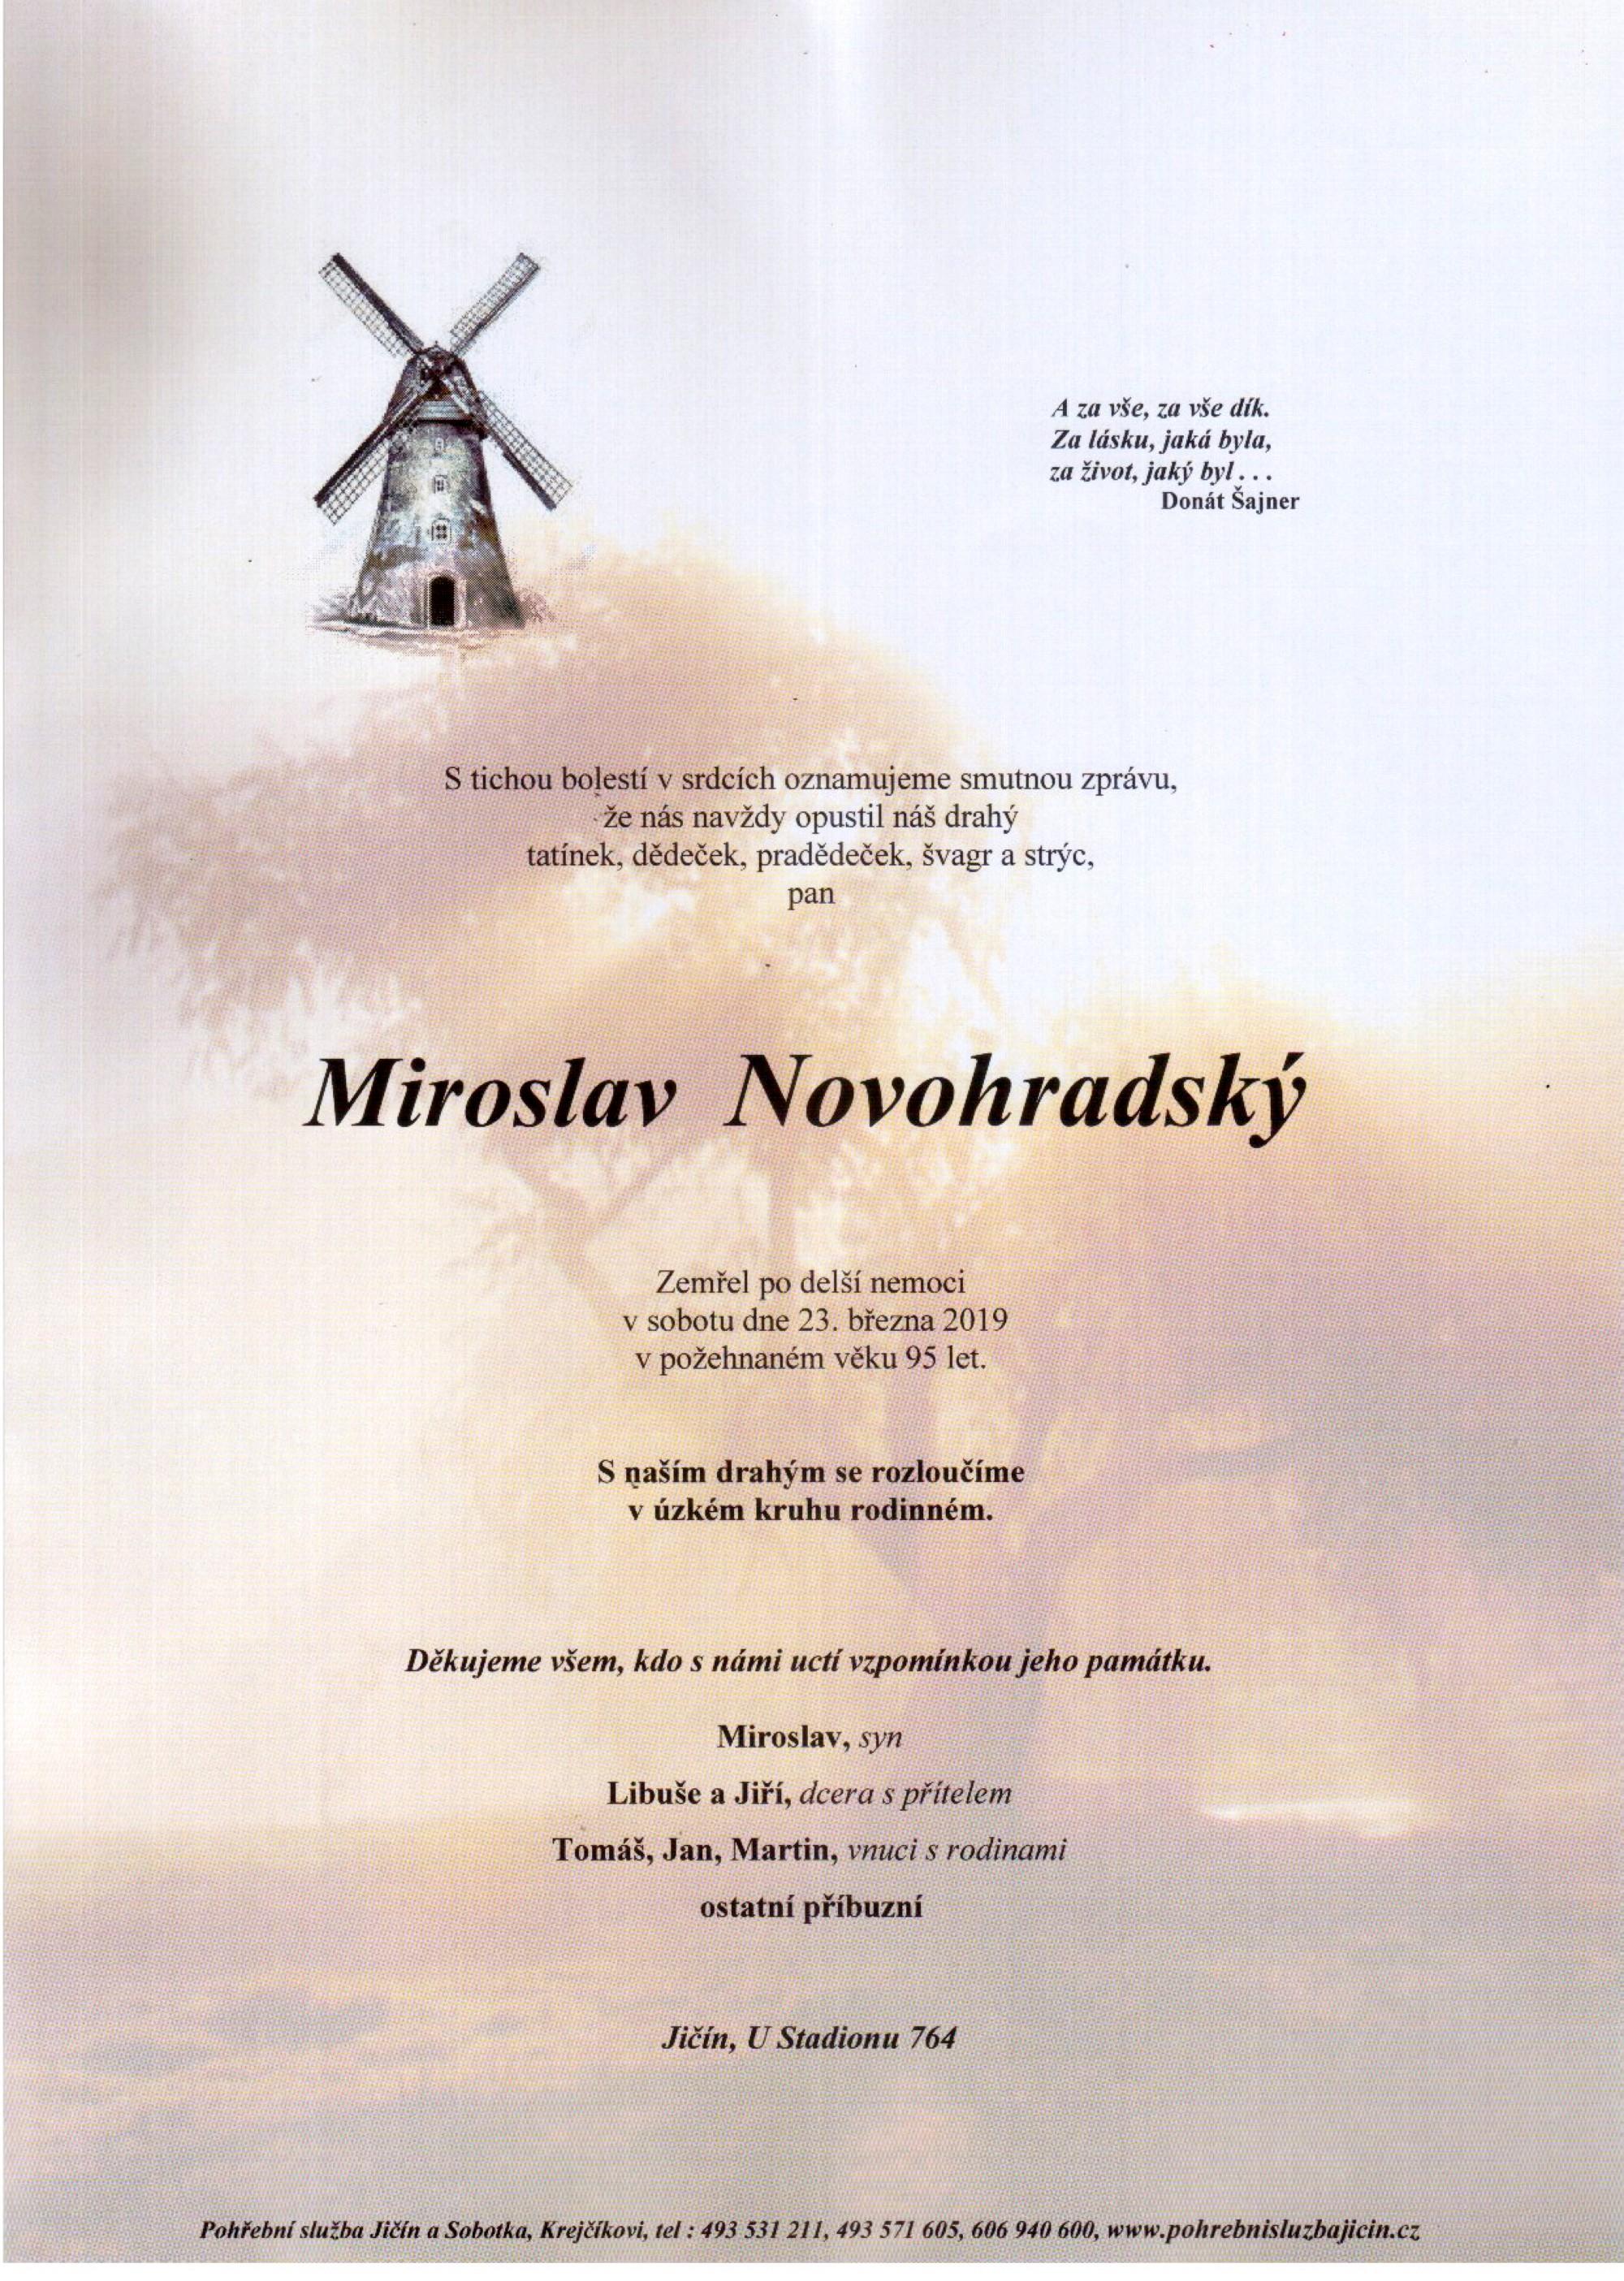 Miroslav Novohradský